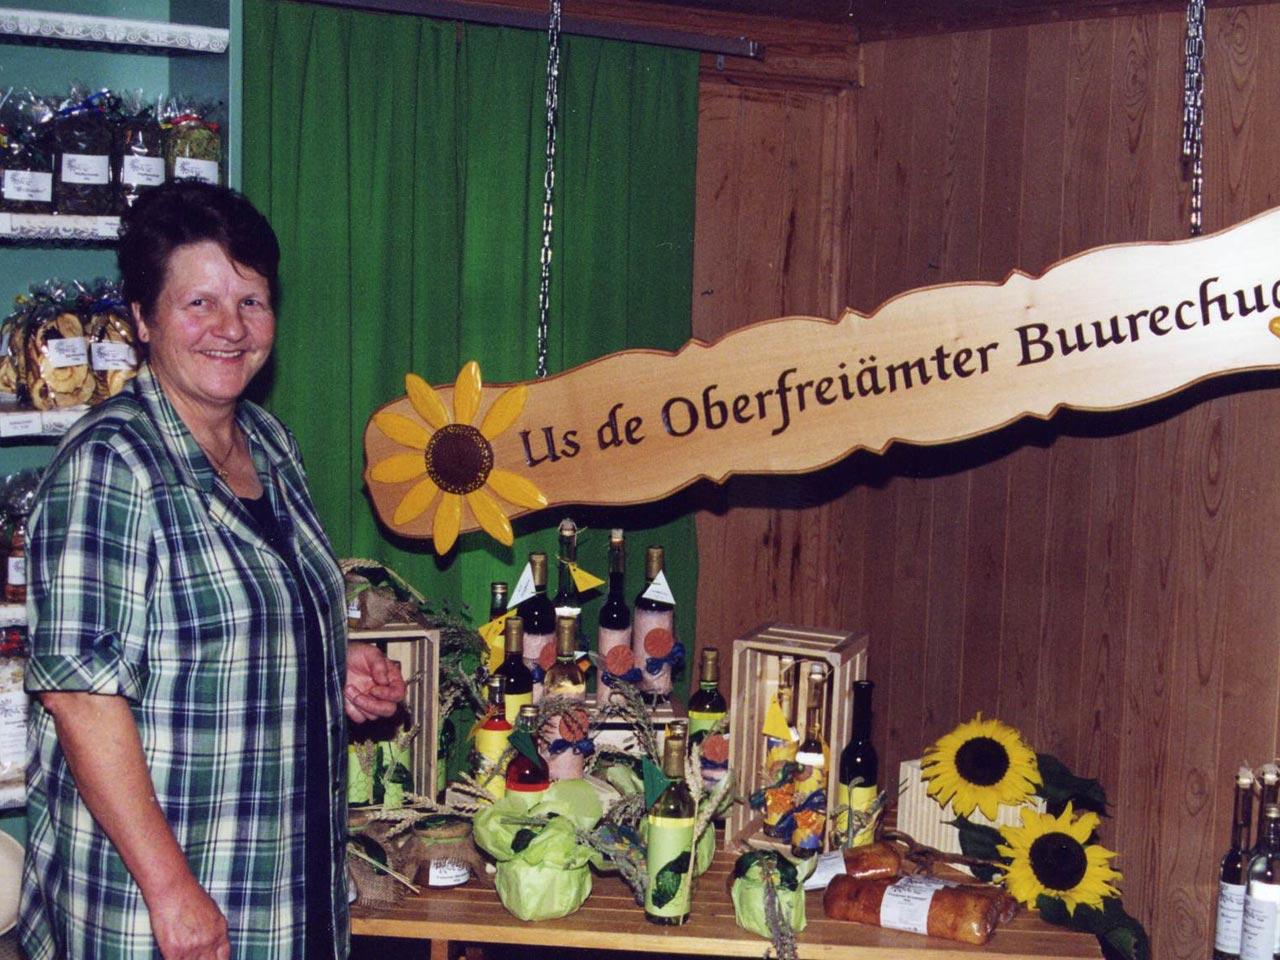 1996 – Gründung der Oberfreiämter Buurechuchi mit acht Mitgliedern.  – Der Buurechuchi-Laden ist bei Margrith Huber in Fenkrieden.  – Erster grosser Auftritt am Broggemärt in Sins.